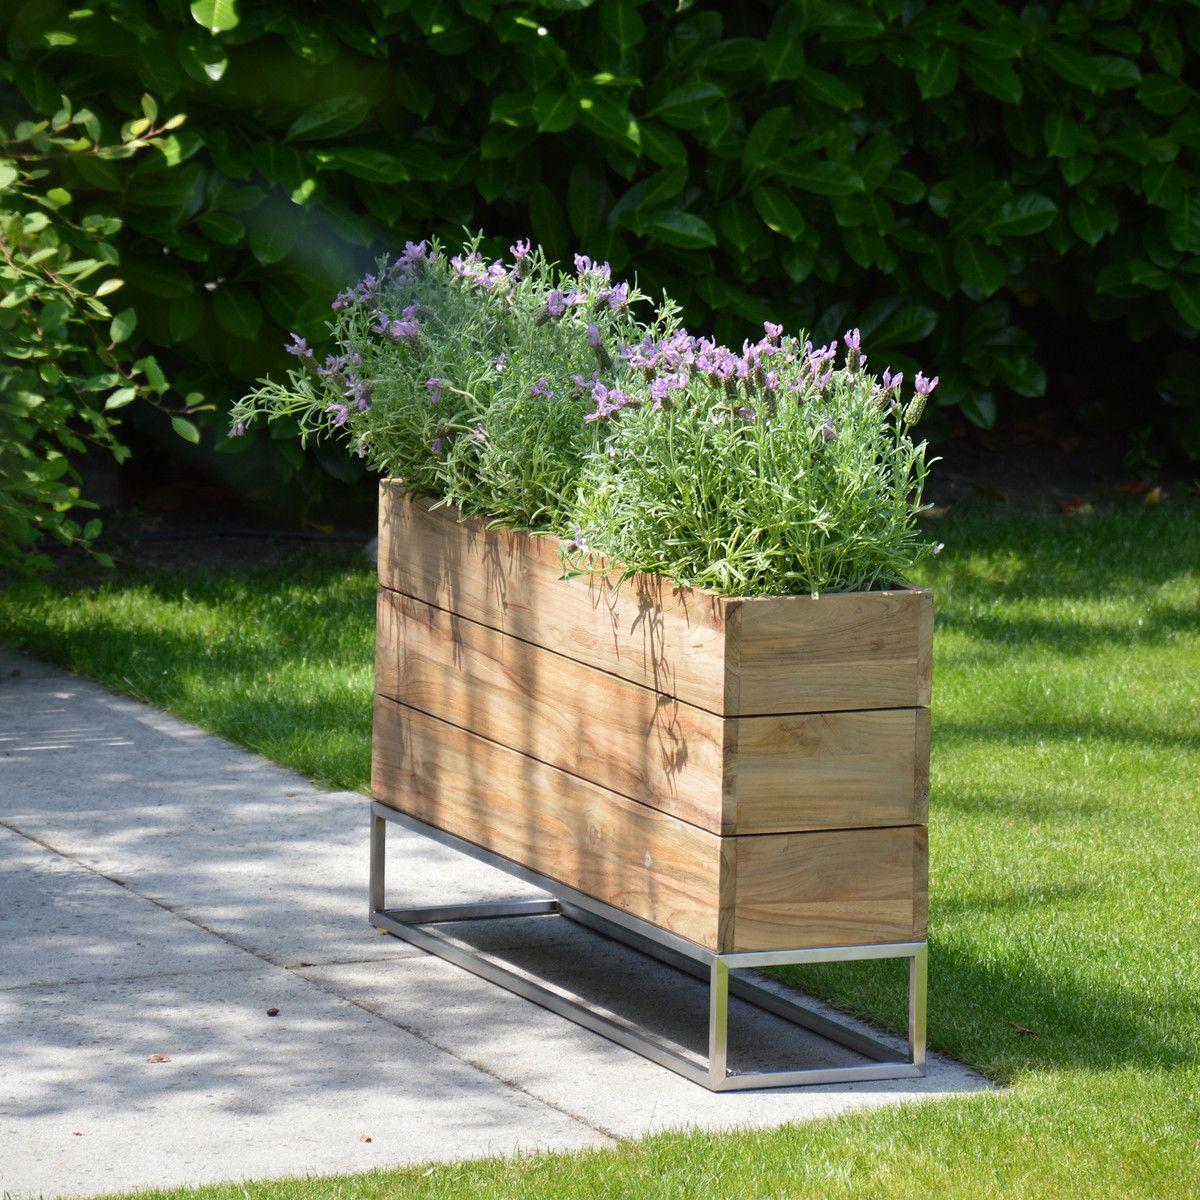 Blumenkubel Minigarden Von Jan Kurtz Connox Pflanzen Pflanzkubel Moderne Gartenentwurfe